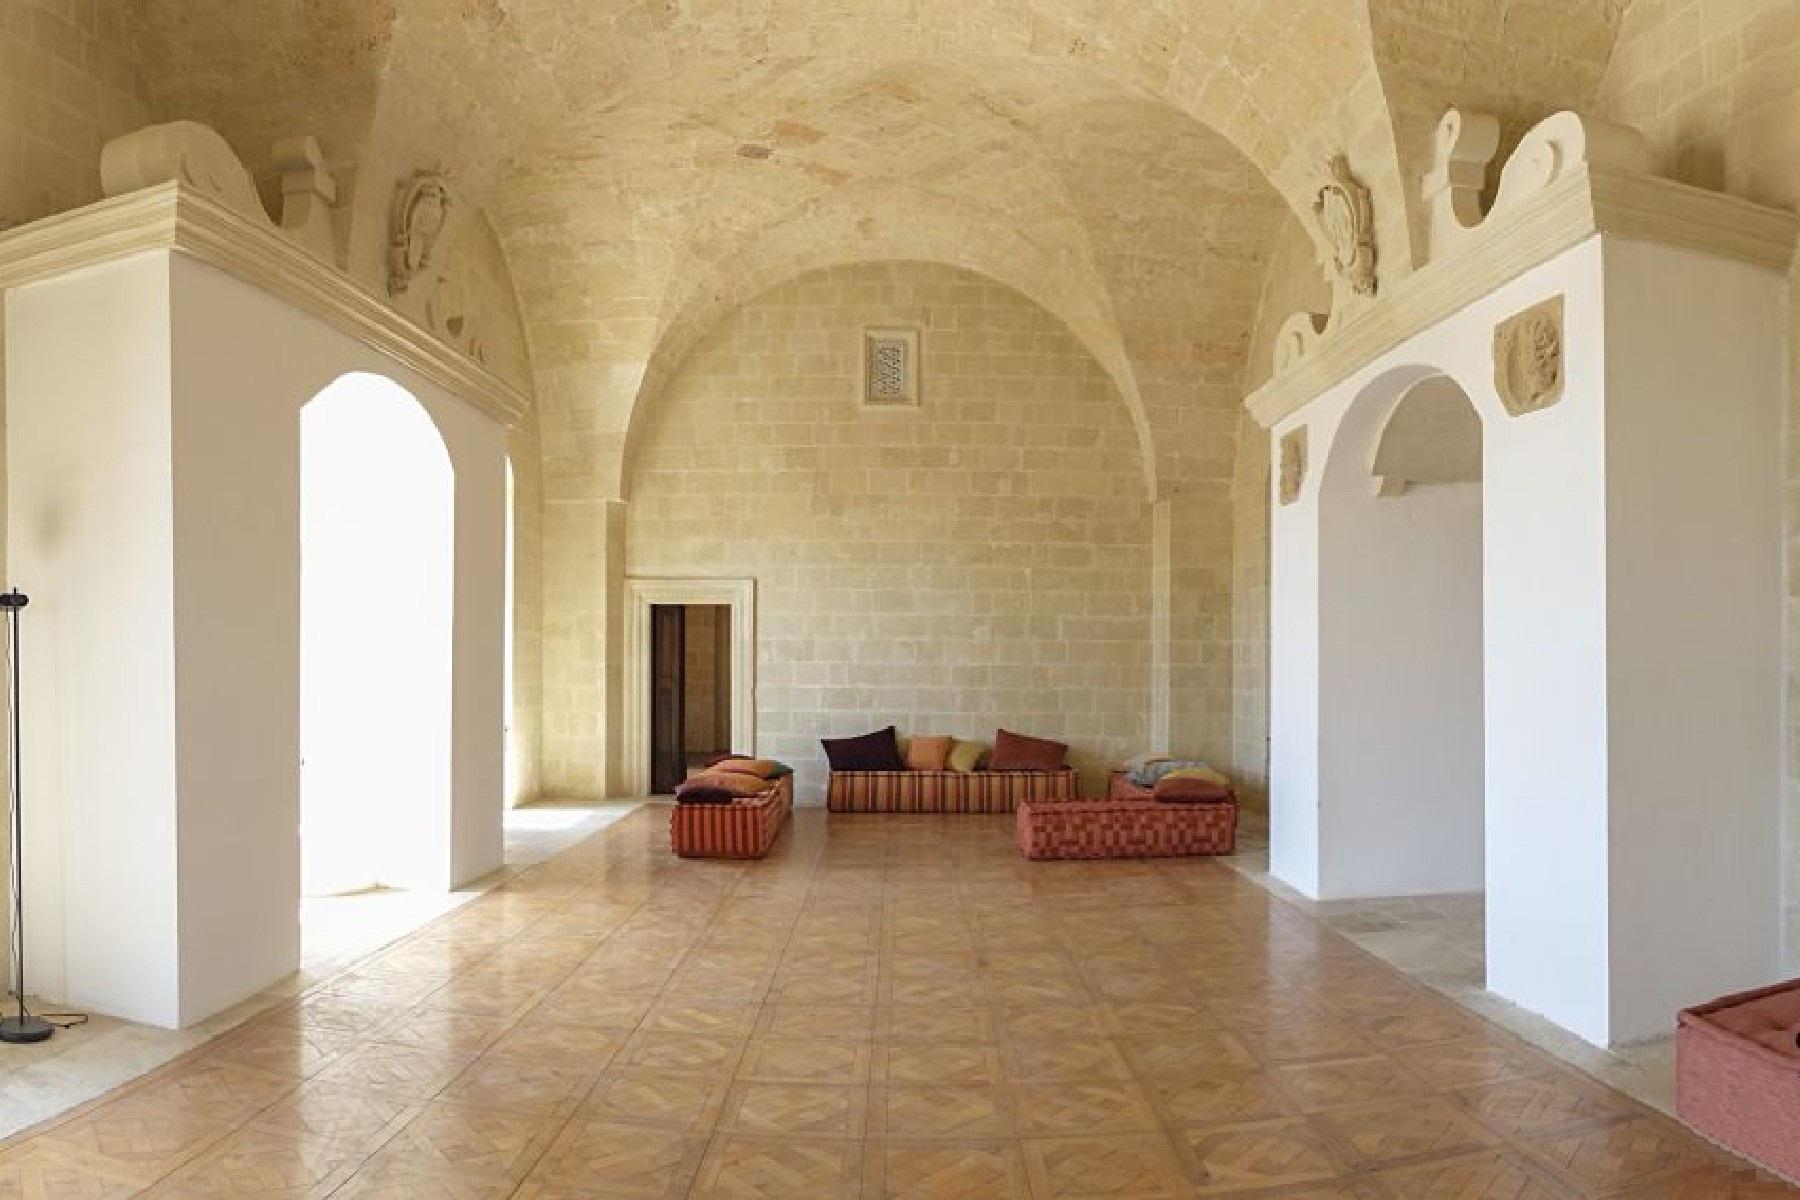 Palazzo in Vendita a San Donato Di Lecce: 5 locali, 1200 mq - Foto 14